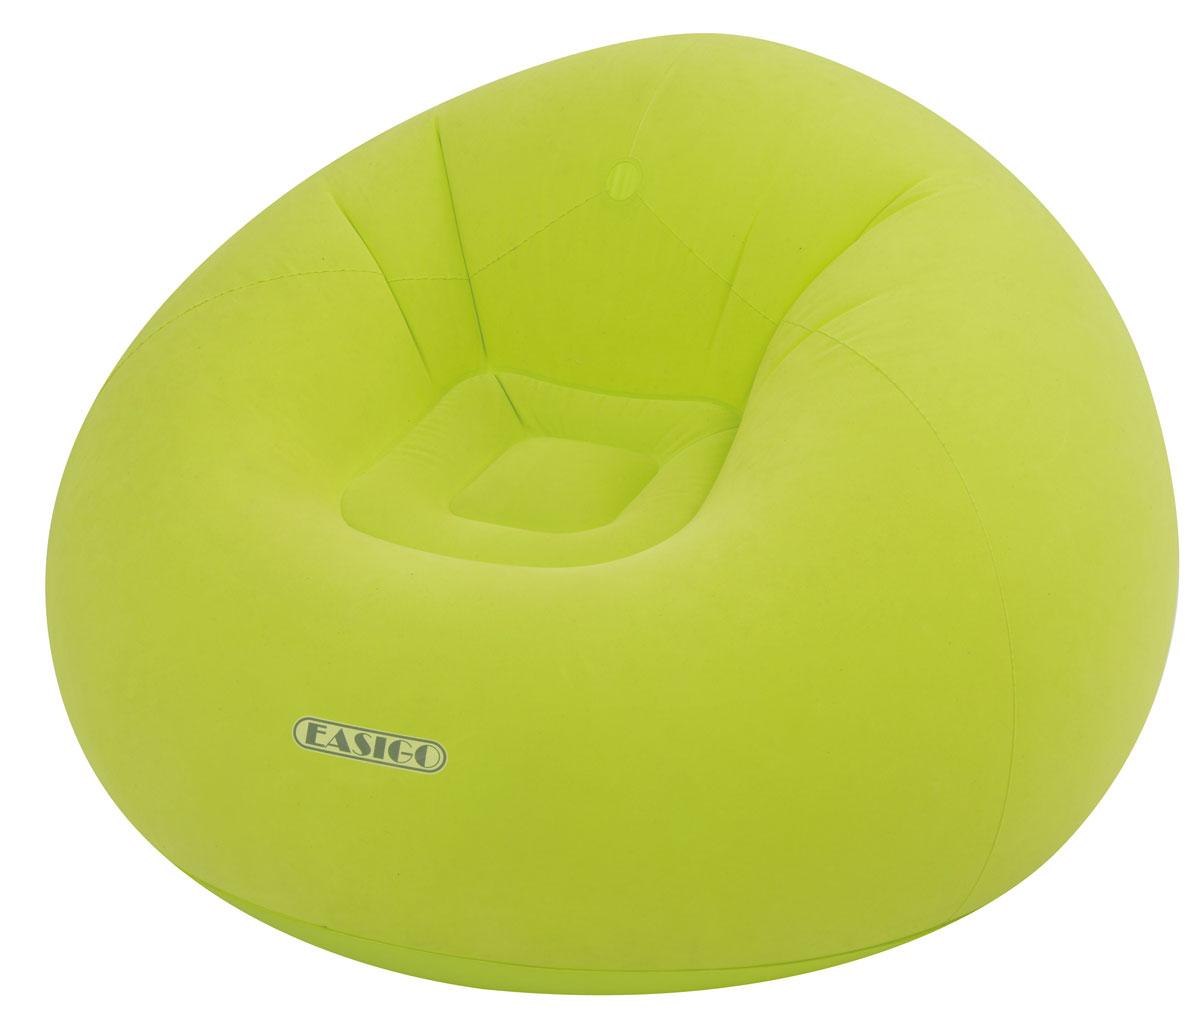 Кресло надувное Relax Easigo, цвет: салатовый, 105 х 105 х 65 см надувное кресло onlitop медвежонок 120851